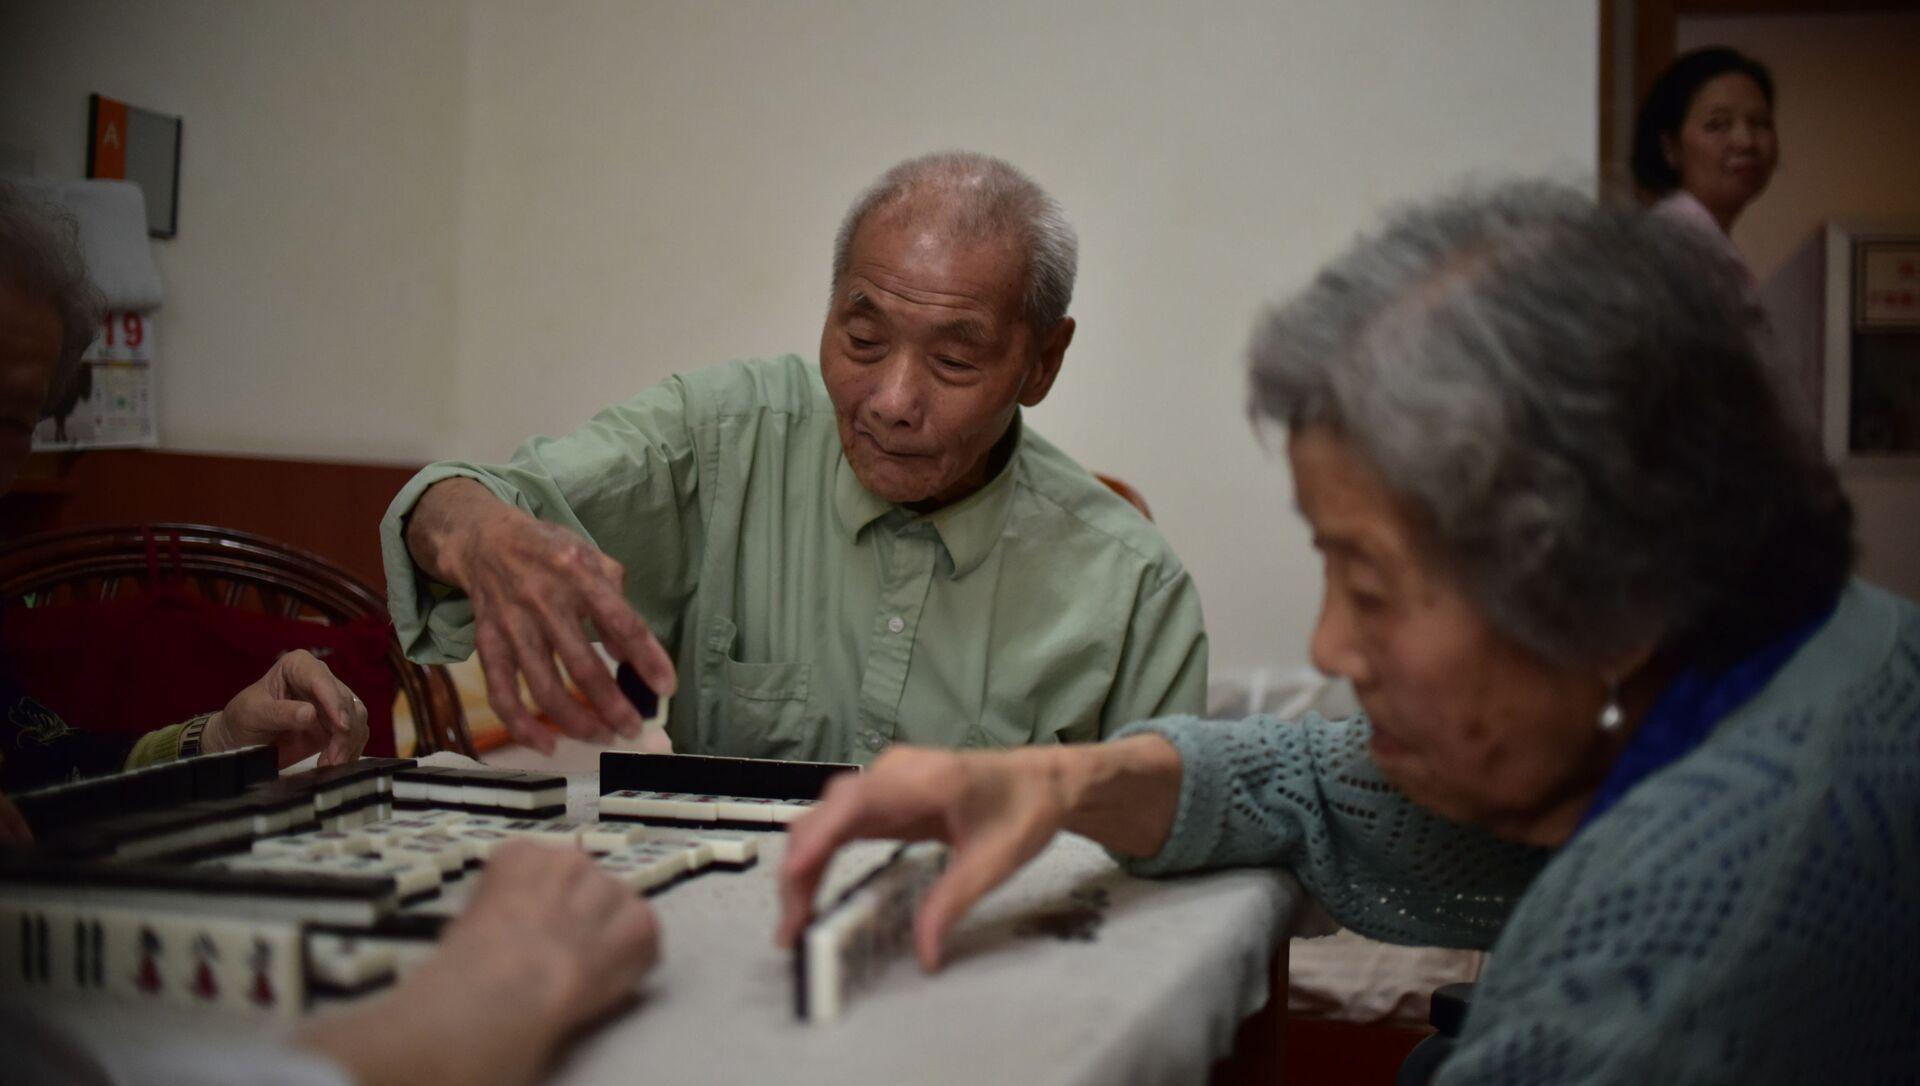 Пожилые люди во время игры в маджонг в Китае - Sputnik Italia, 1920, 05.03.2021